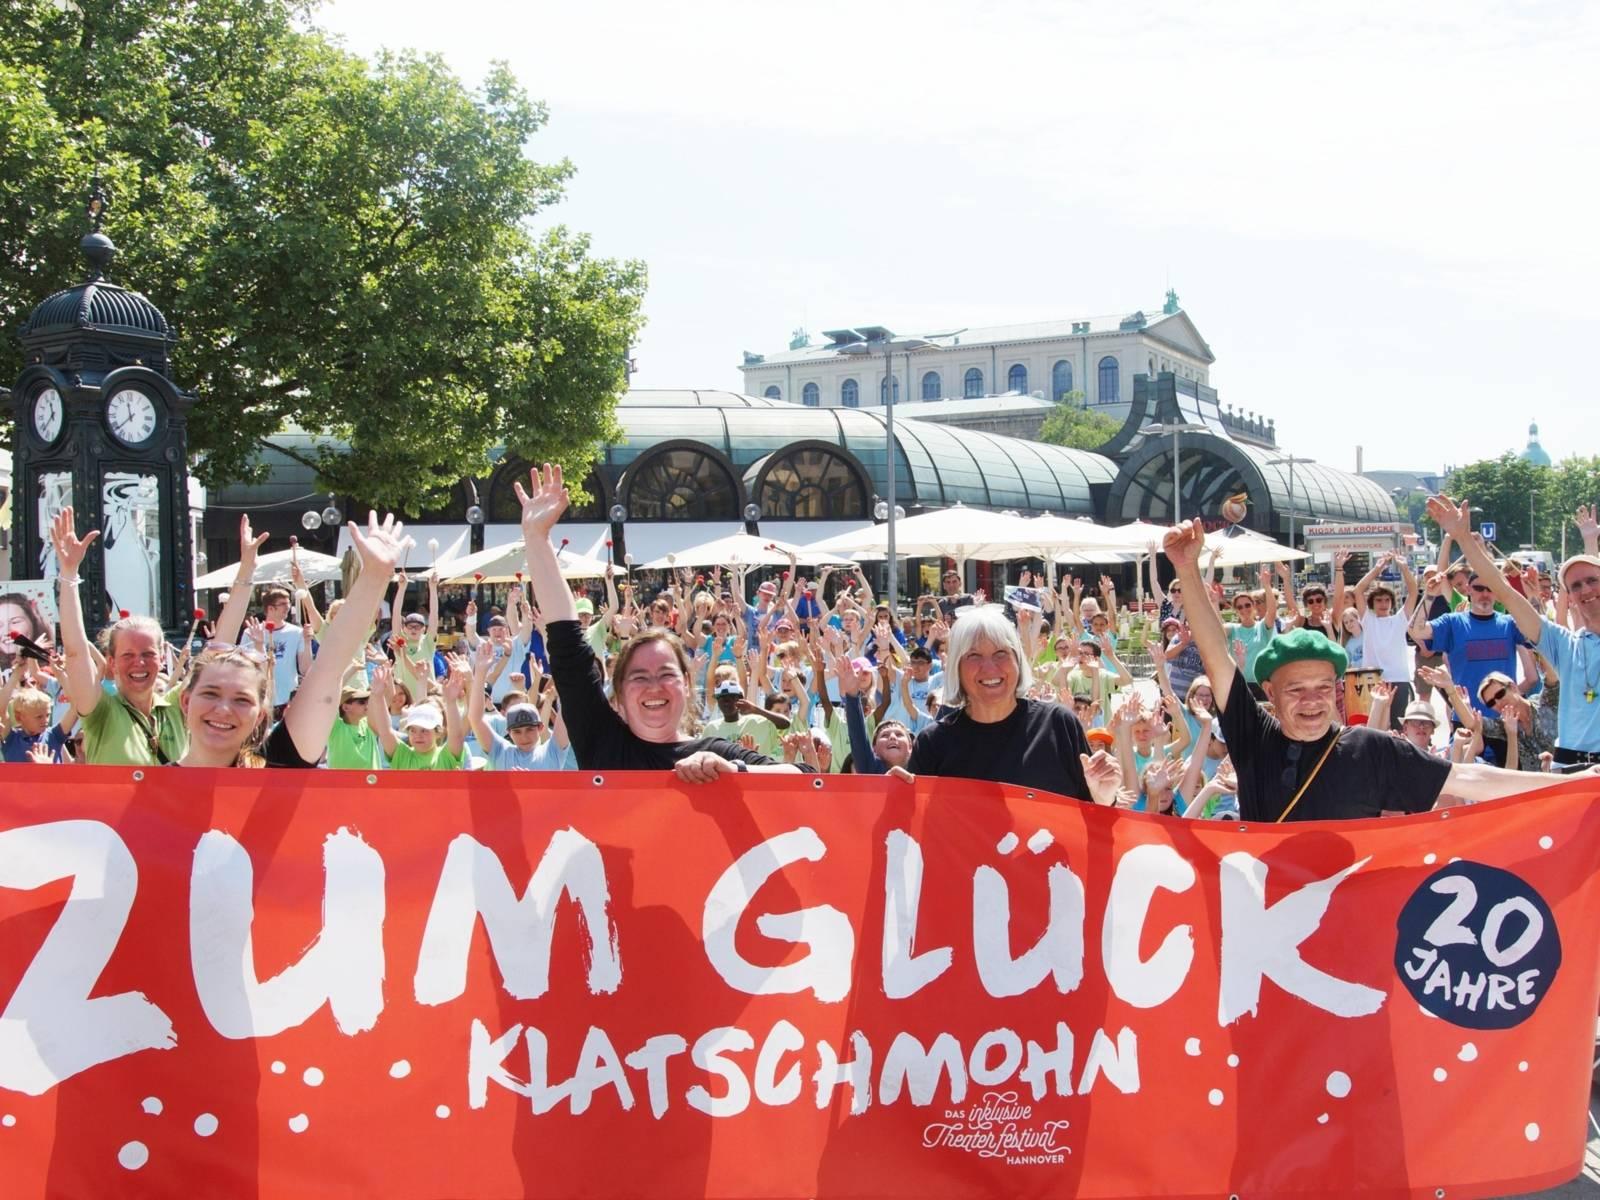 Menschen mit einem großen Banner an einem öffentlichen Platz.